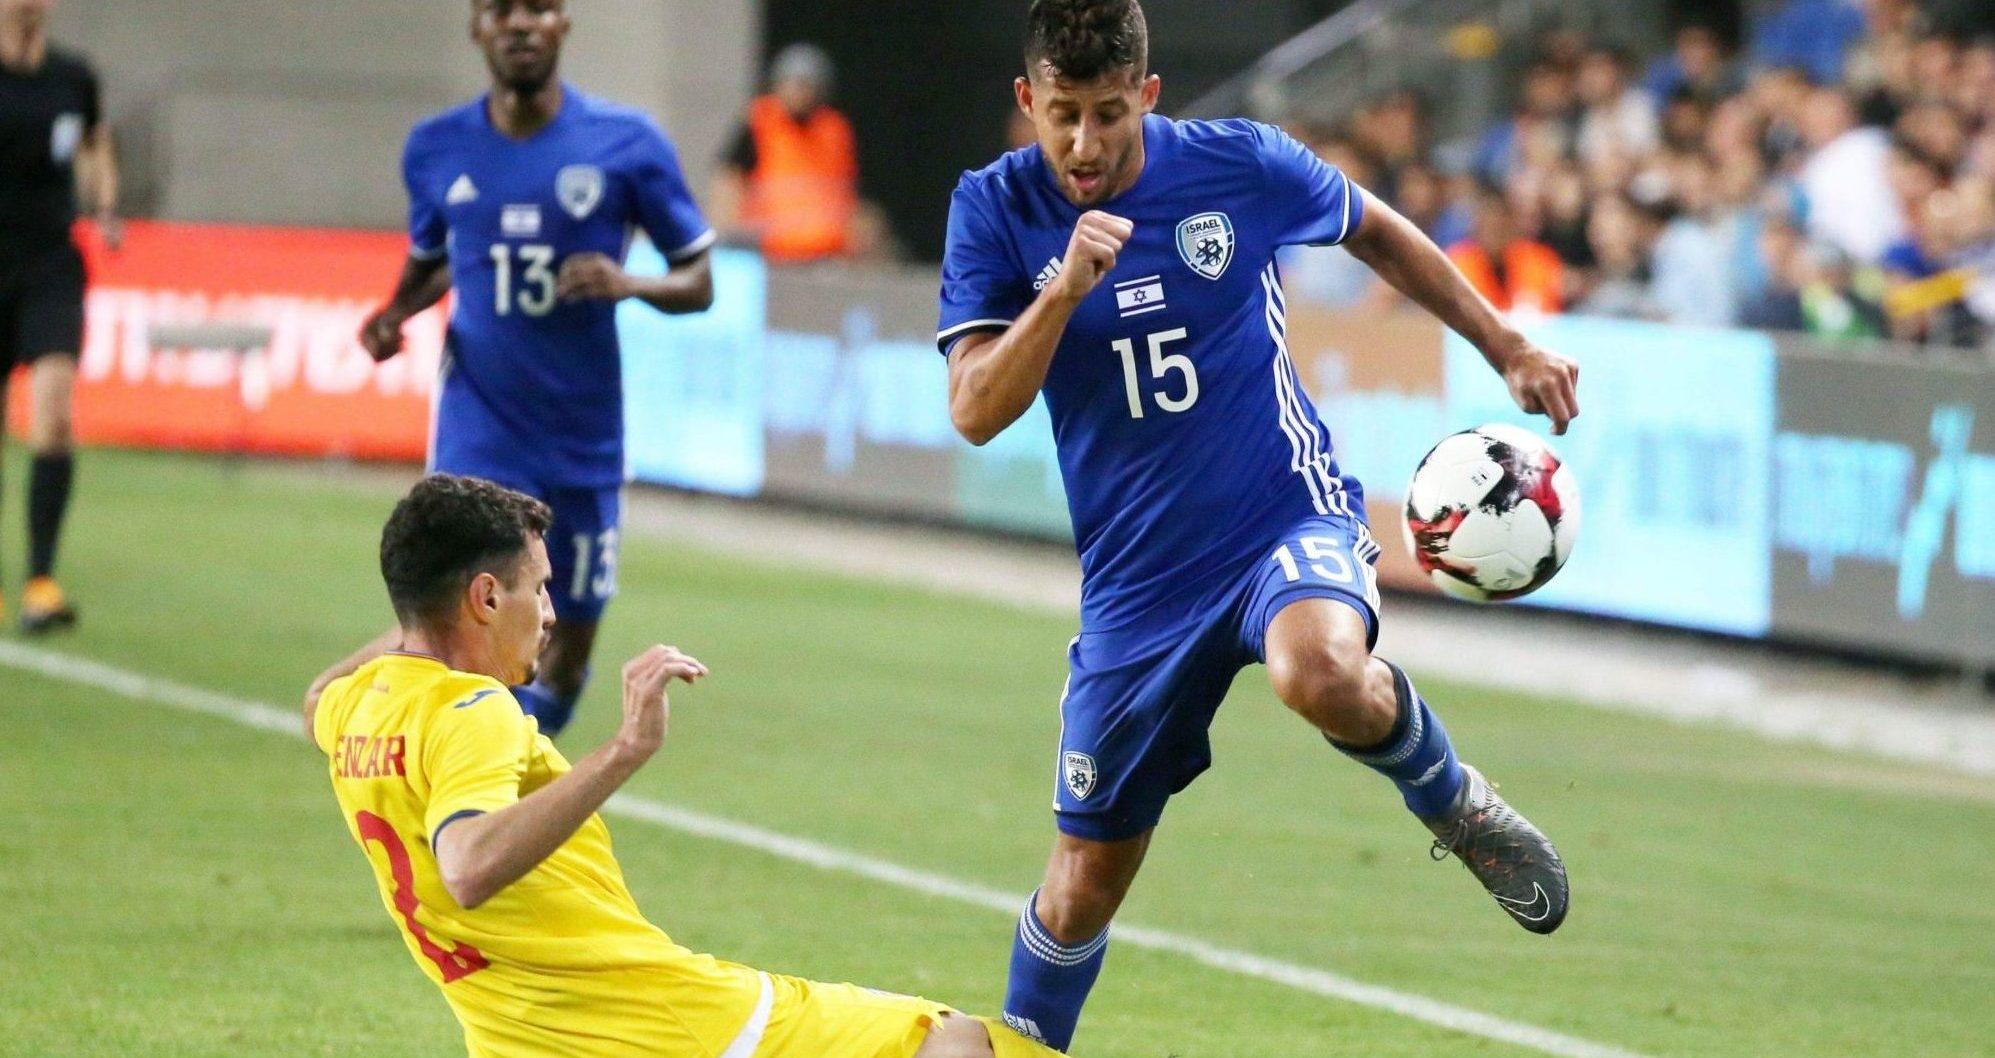 הקשר דור מיכה שוחרר מסגל נבחרת ישראל עקב פציעה, אלמקייס הצעיר זומן